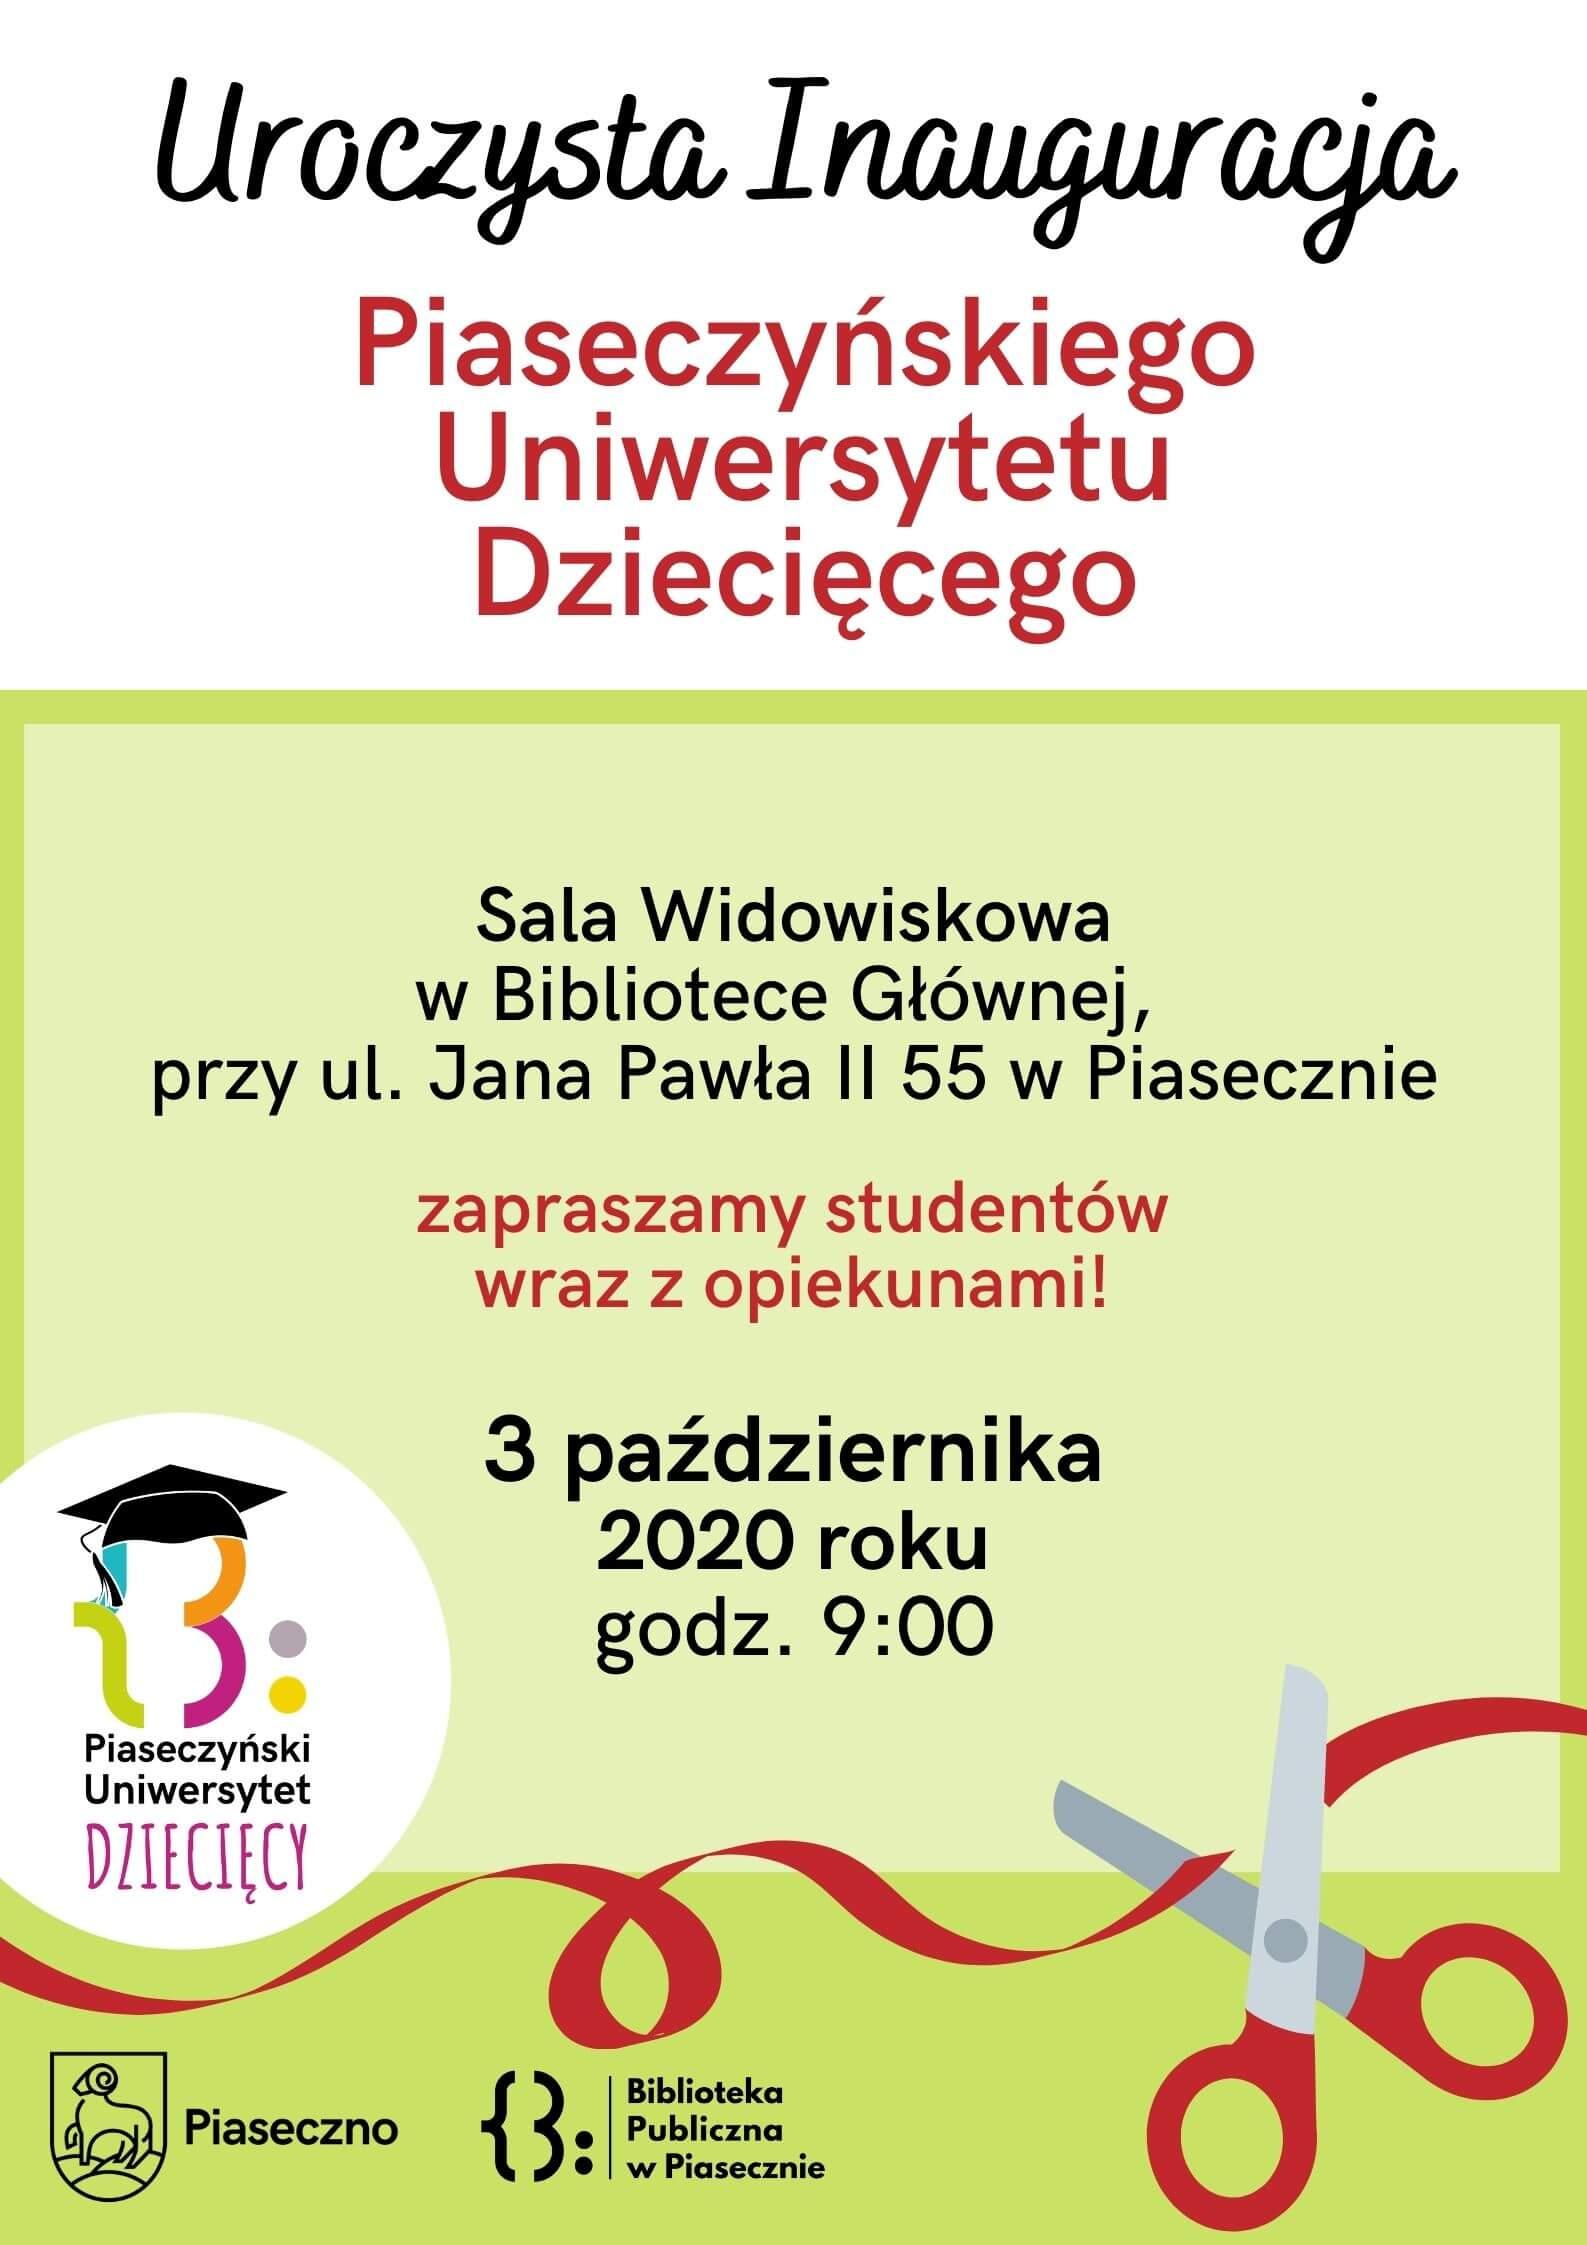 Plakat - Uroczysta Inauguracja Piaseczyńskiego Uniwersytetu Dziecięcego